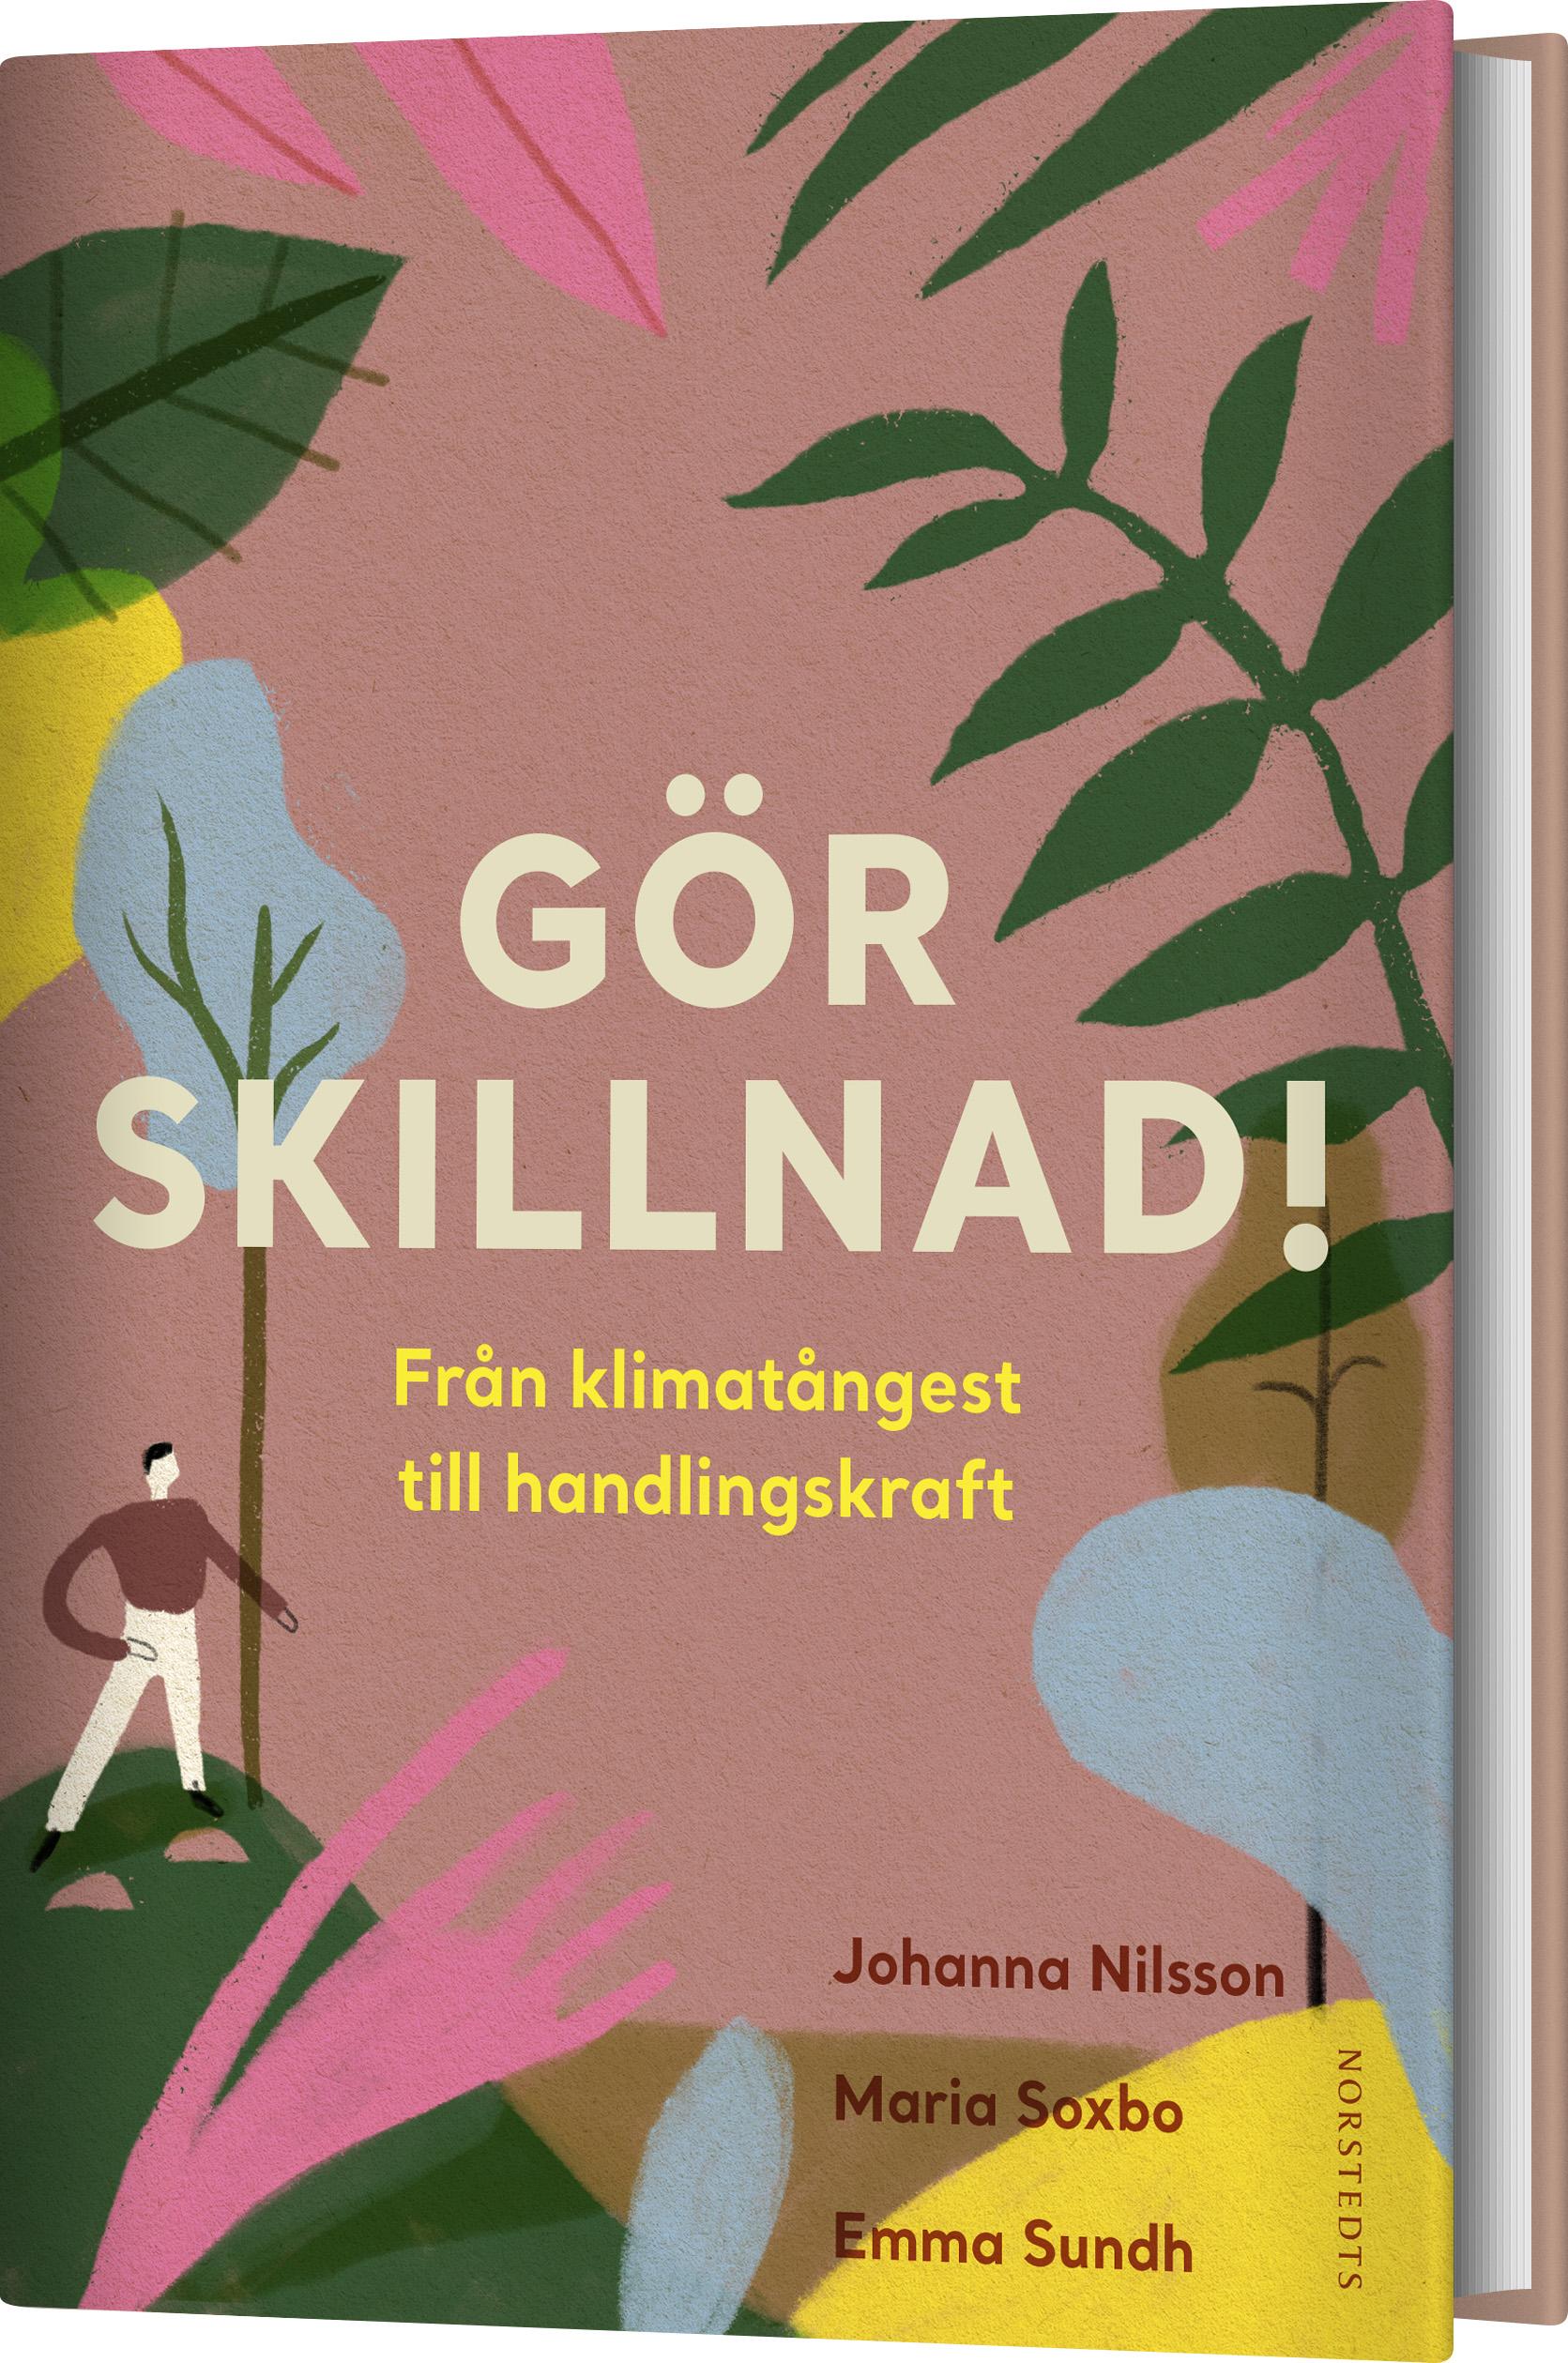 - Gör skillnad! Från klimatångest till handlingskraft av Johanna Nilsson, Maria Soxbo & Emma Sundh (Norstedts, 2019).(Högupplöst bild här.)